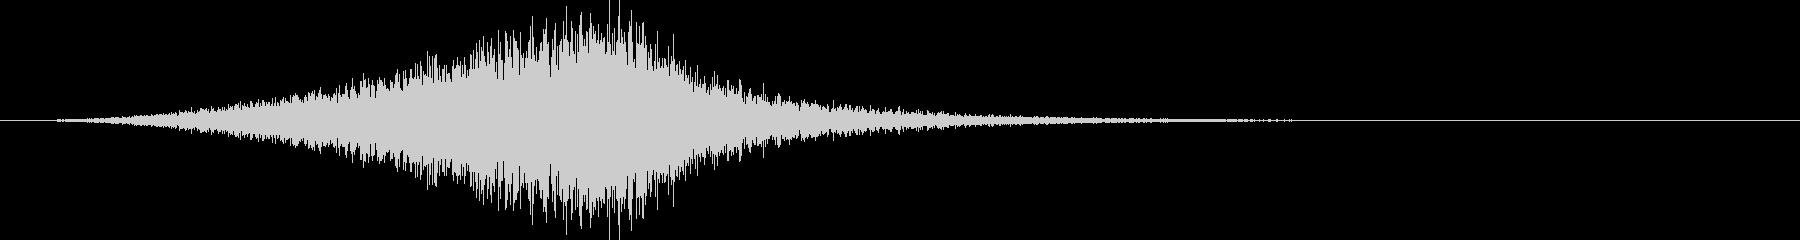 ザバーン。波・海の音(低・短)の未再生の波形